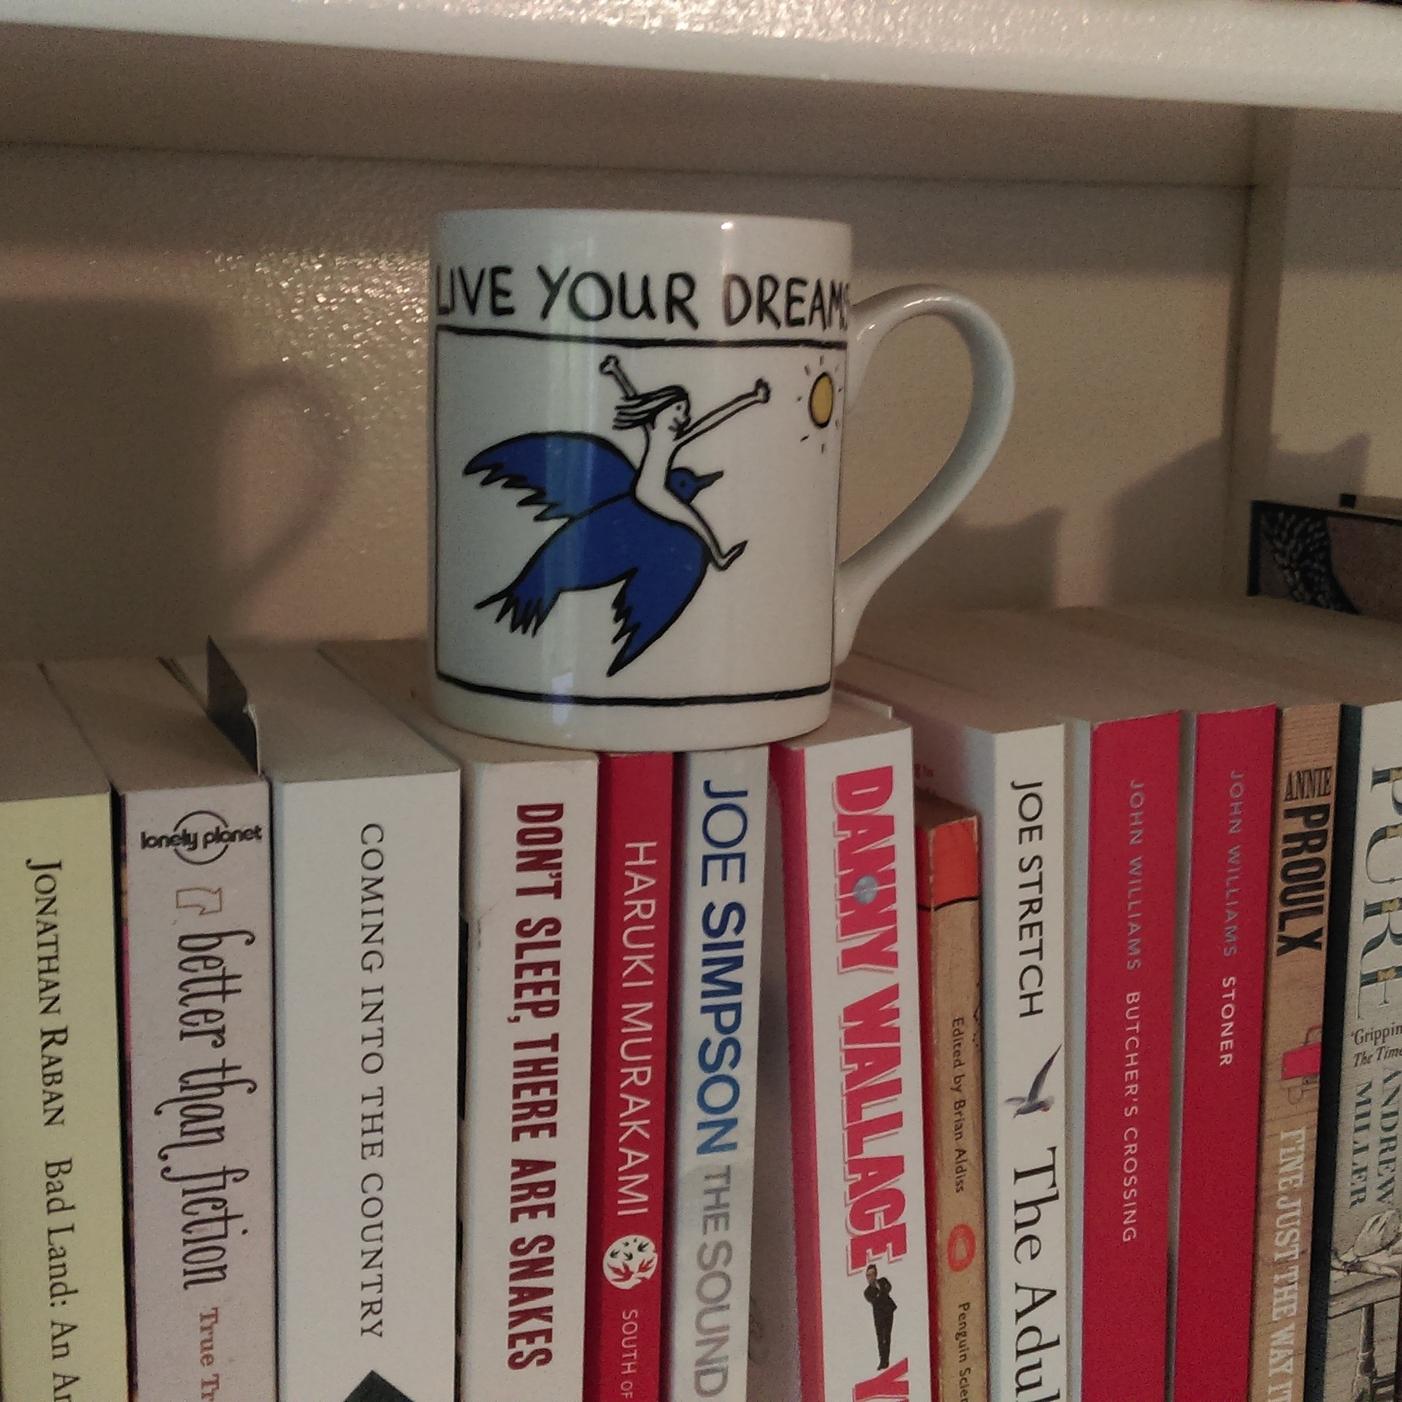 My favourite mug...